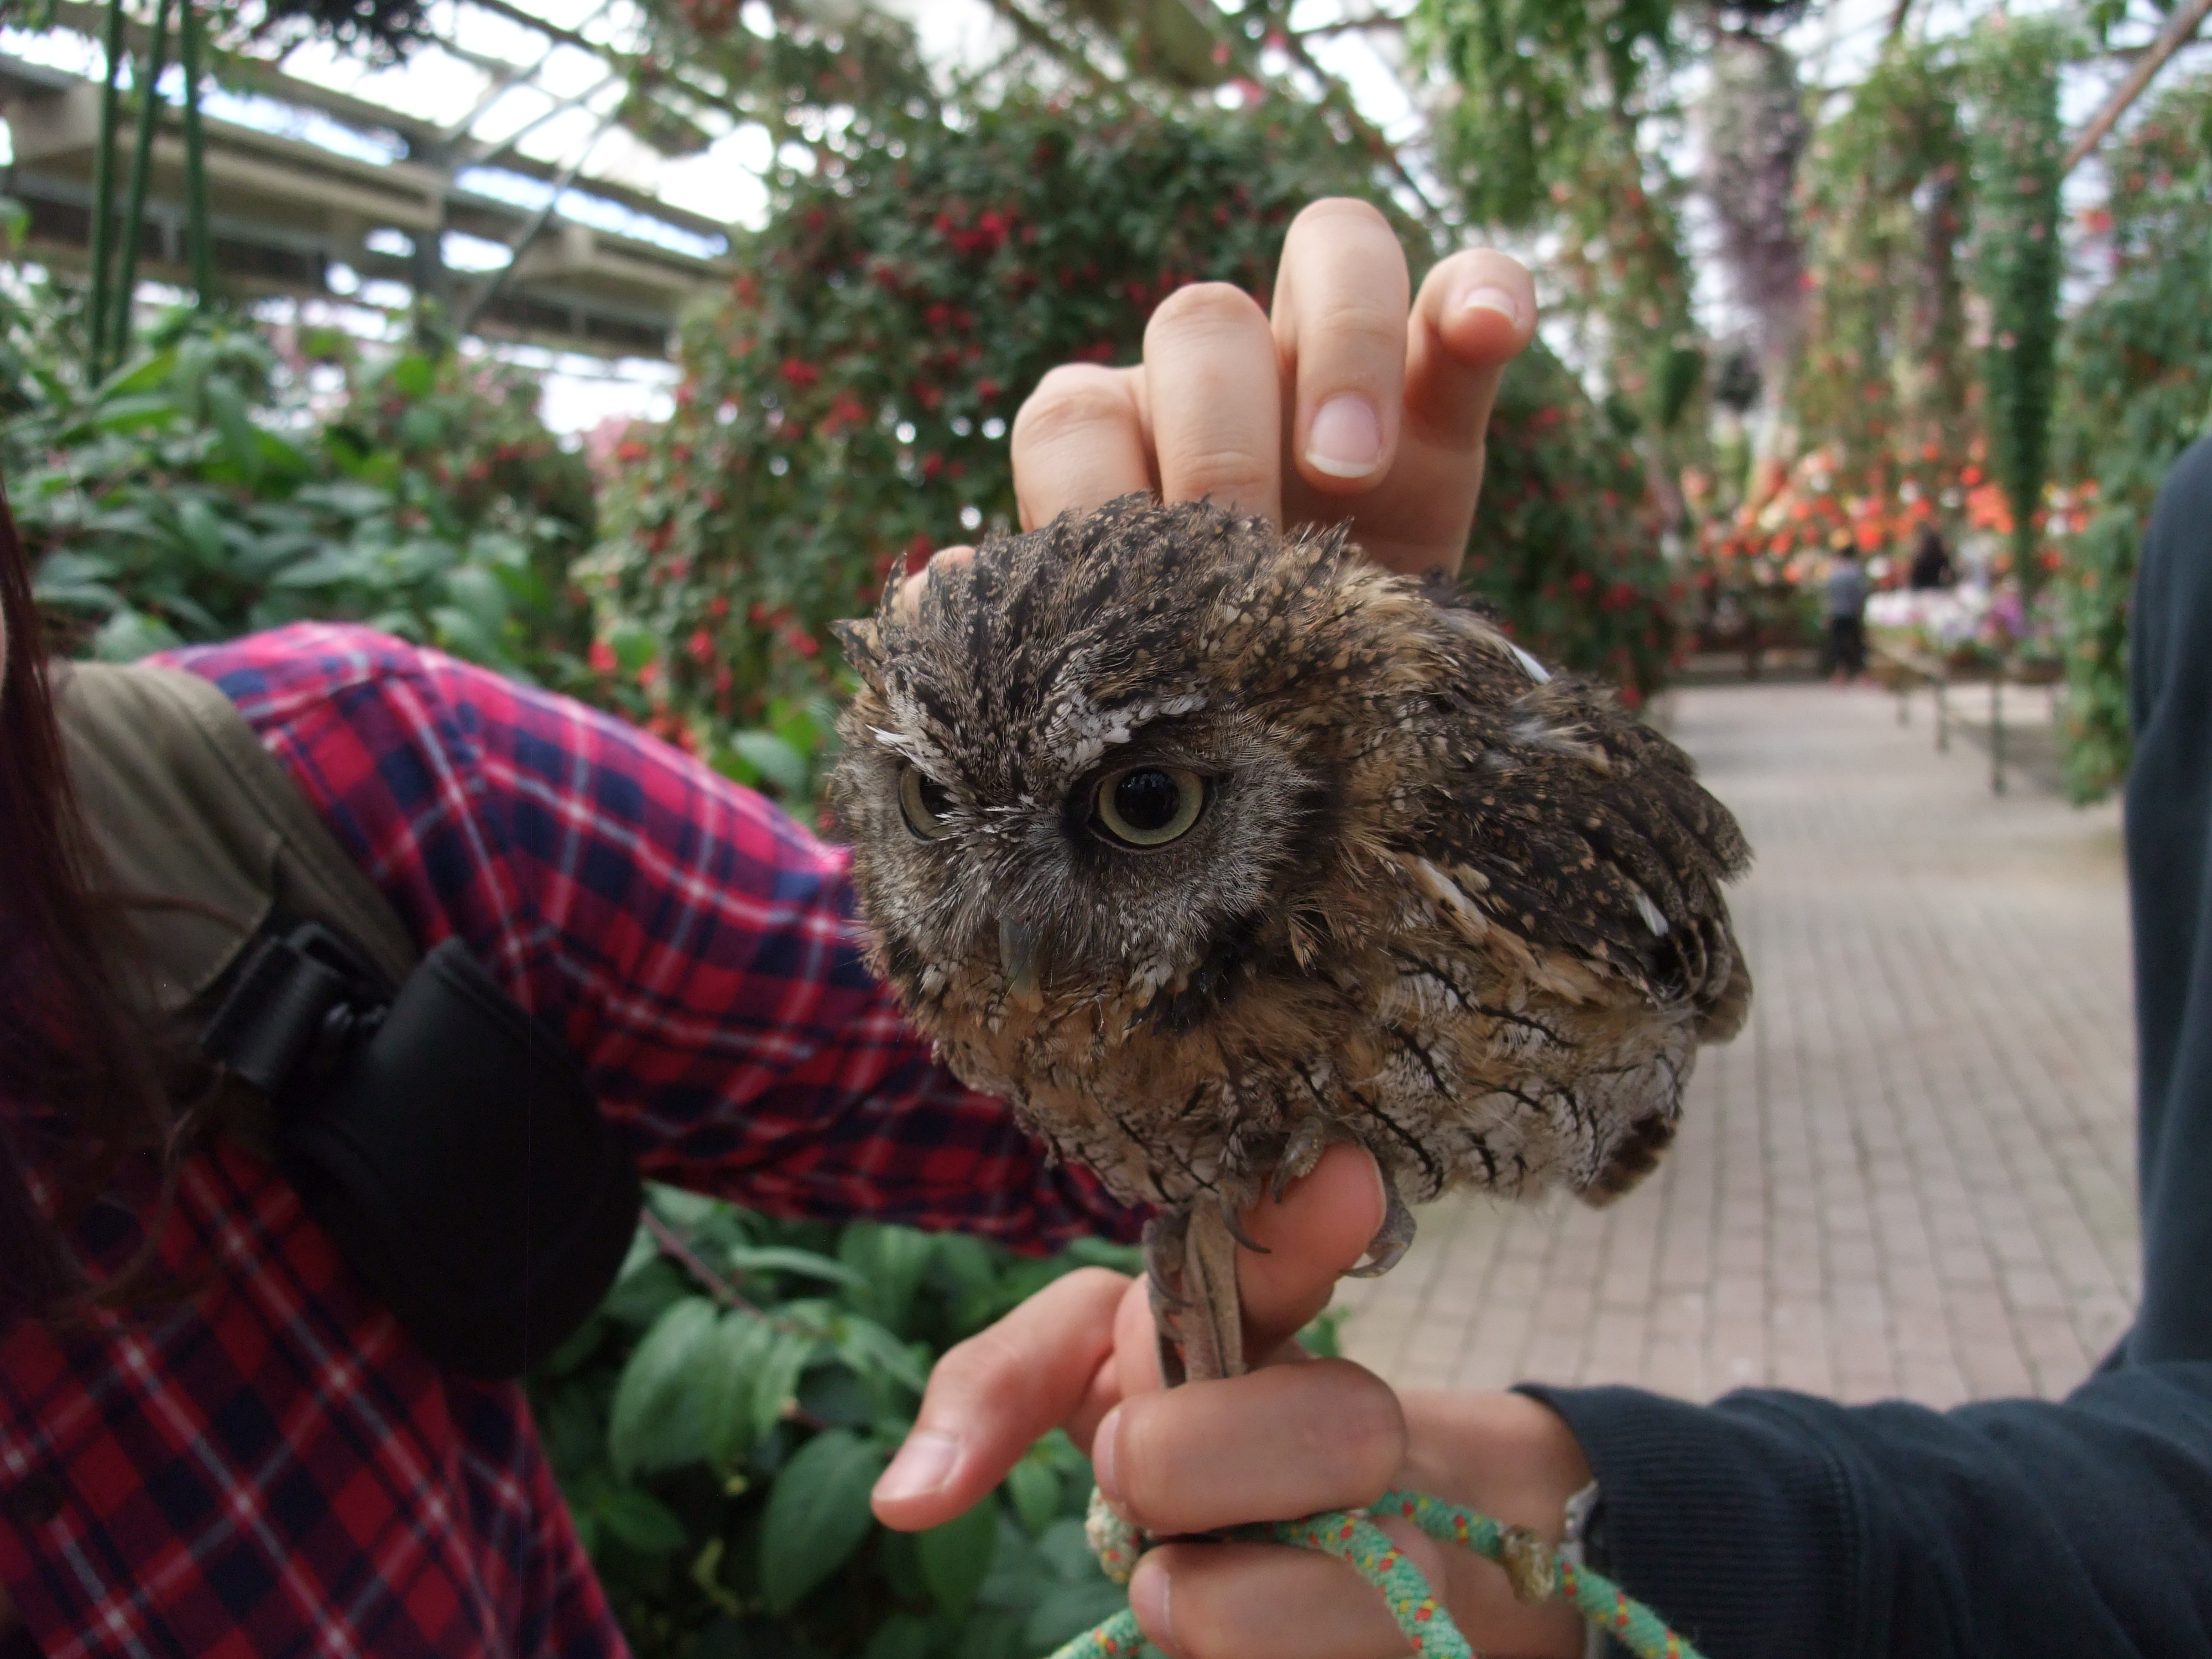 富士花鳥園 フクロウ 触れ合える エミュー 鳥 エサやり